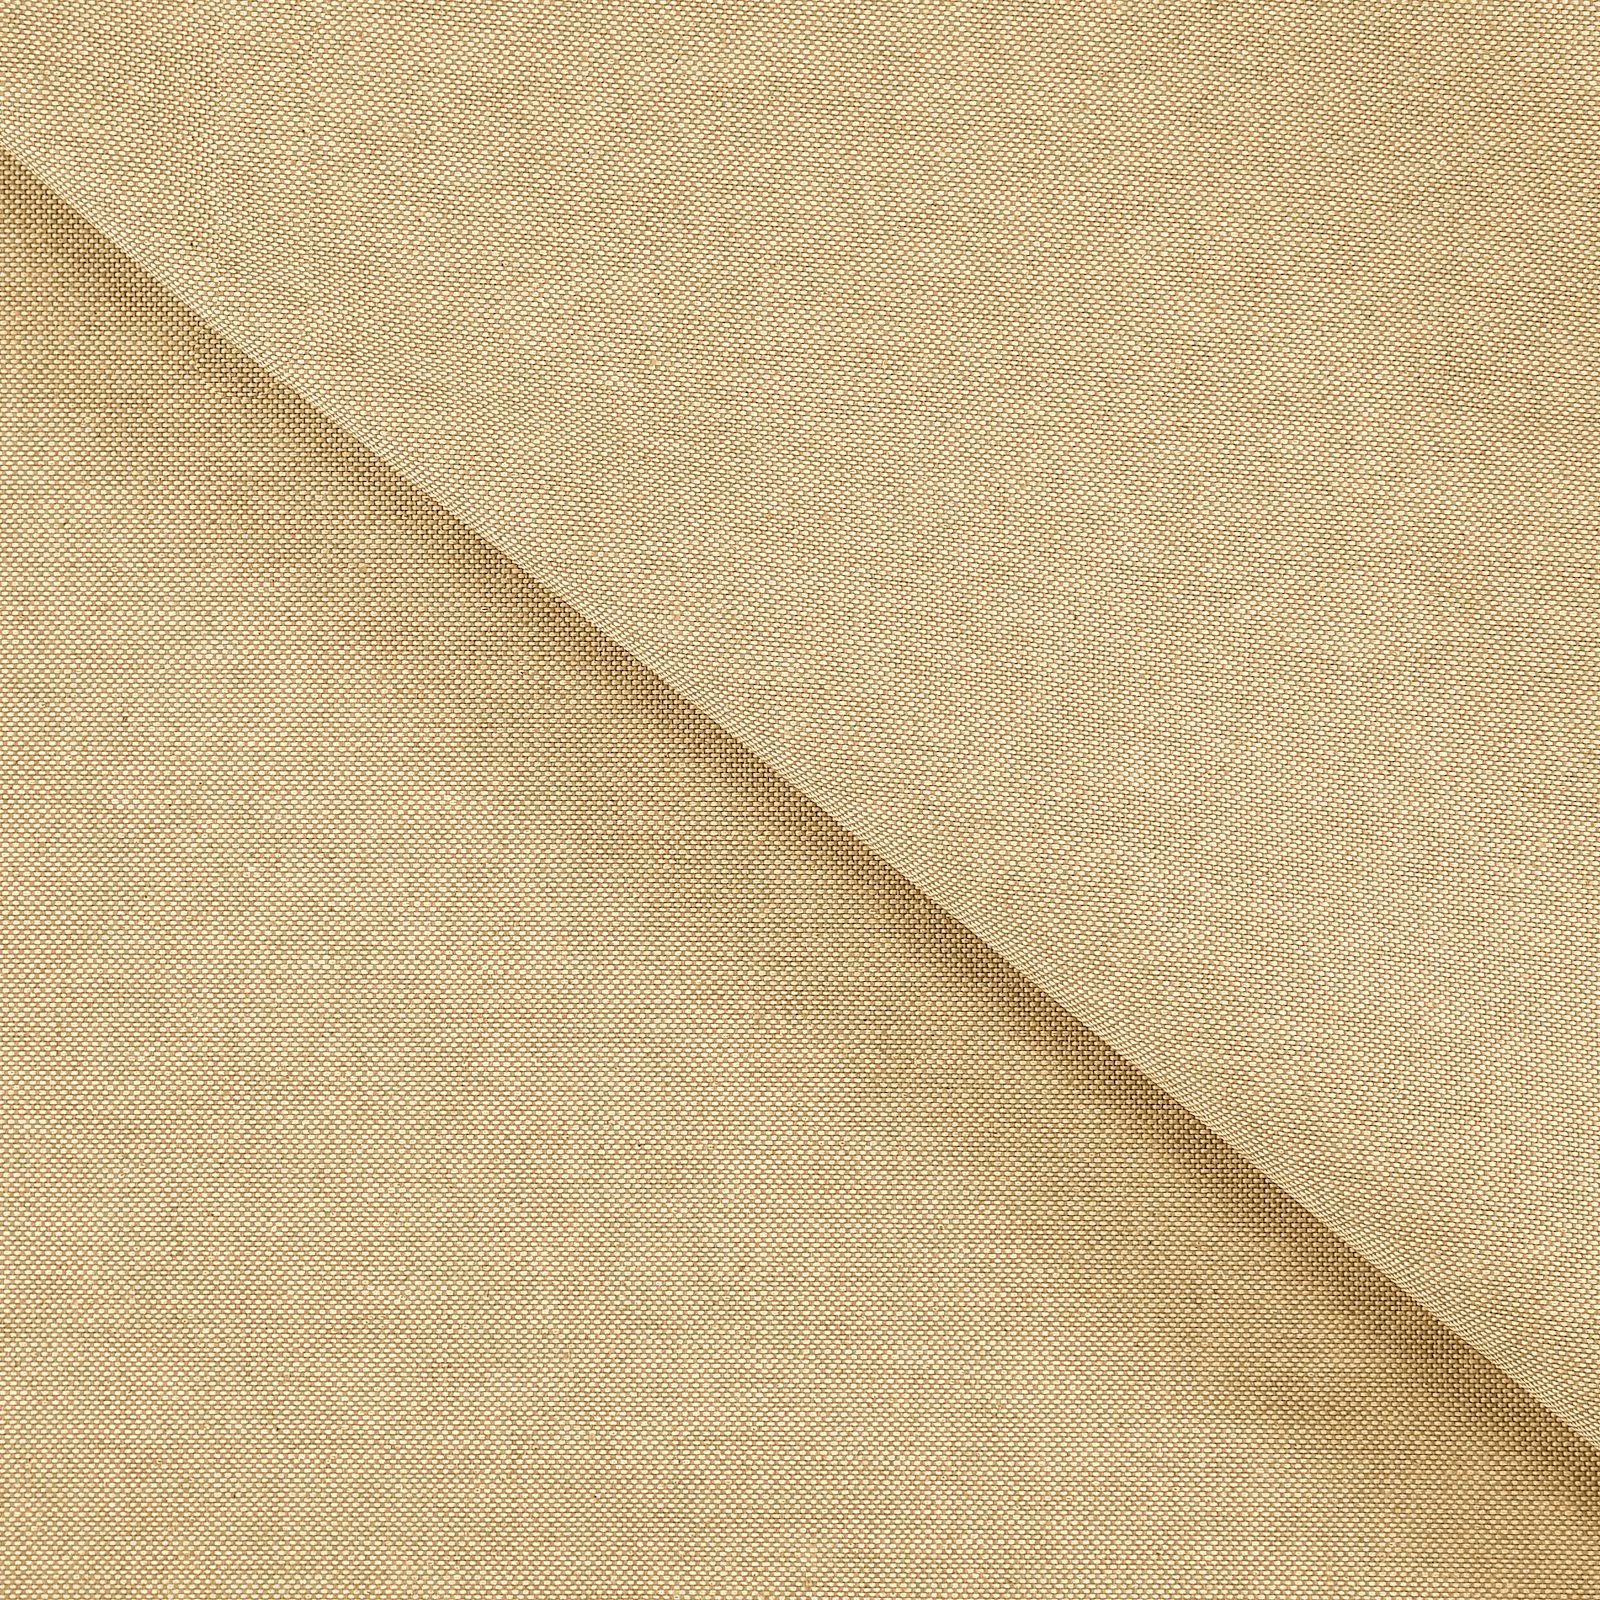 Textilwachstuch Leinenlook Karamell 872304_pack